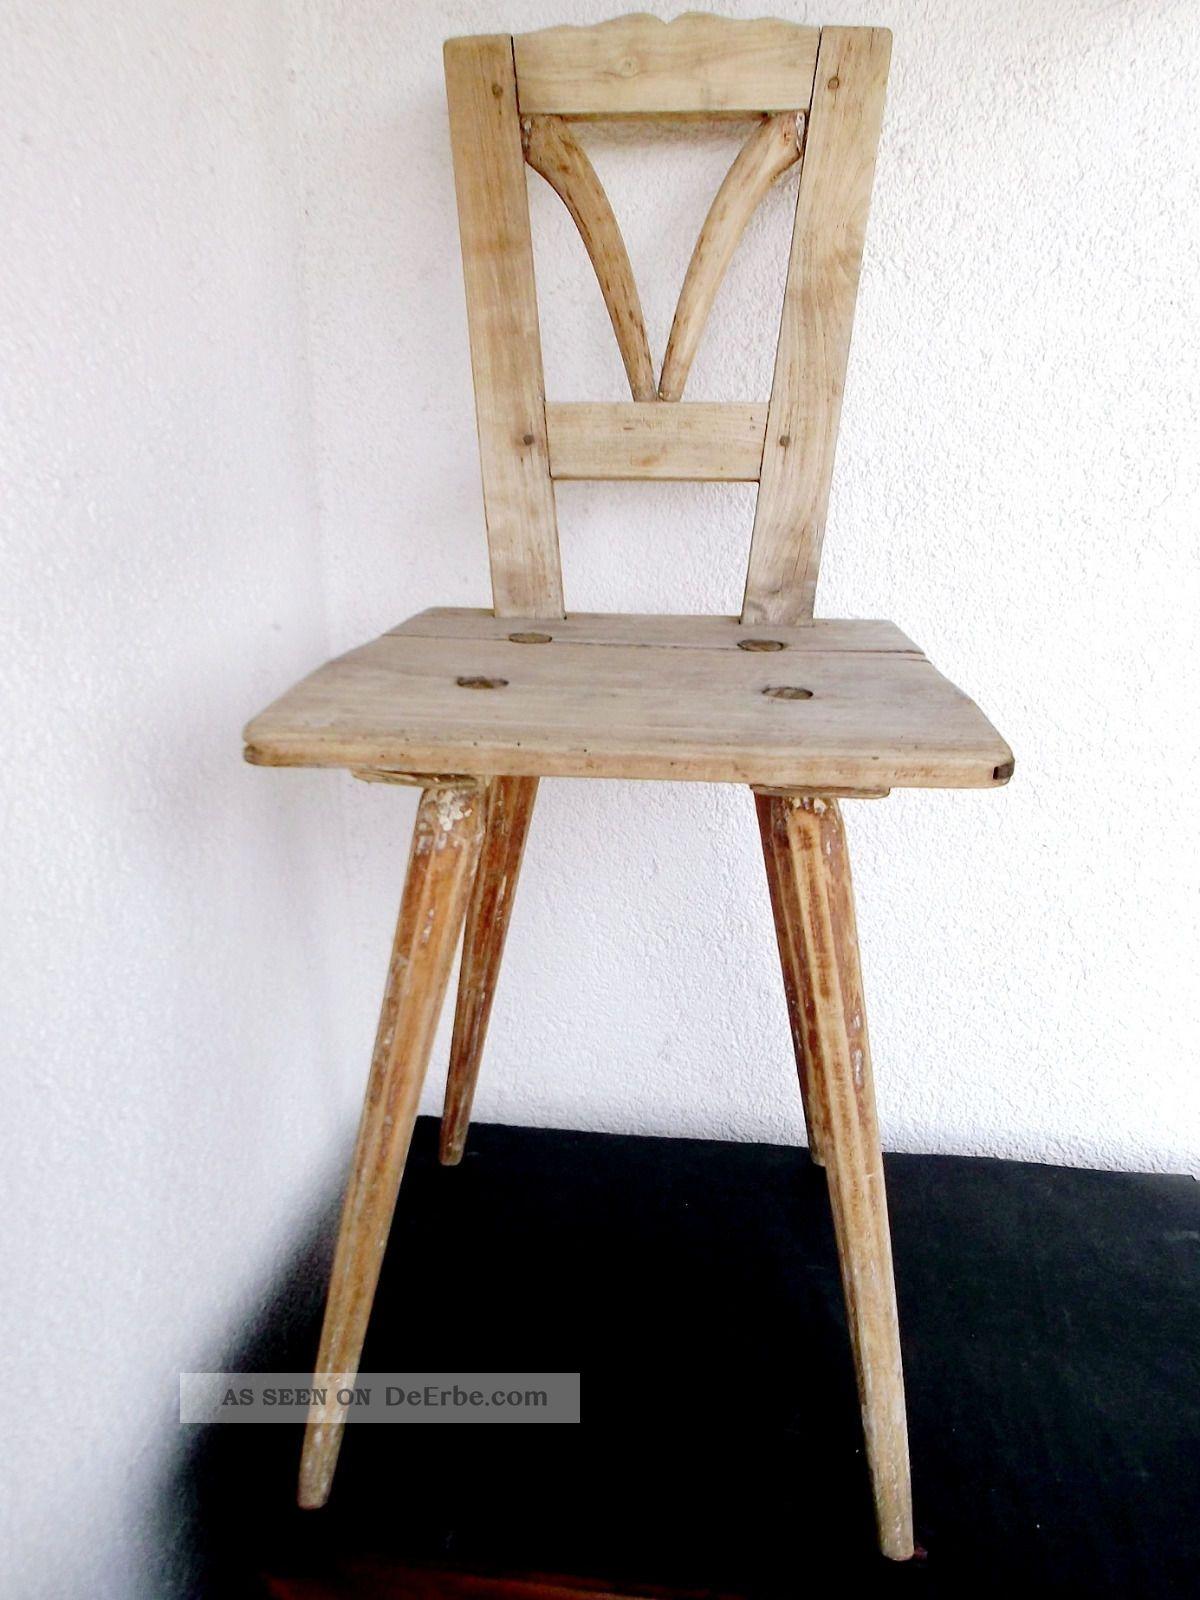 landhaus stuhl amazing landhaus stuhl with landhaus stuhl interesting stuhl weiss holz nett. Black Bedroom Furniture Sets. Home Design Ideas